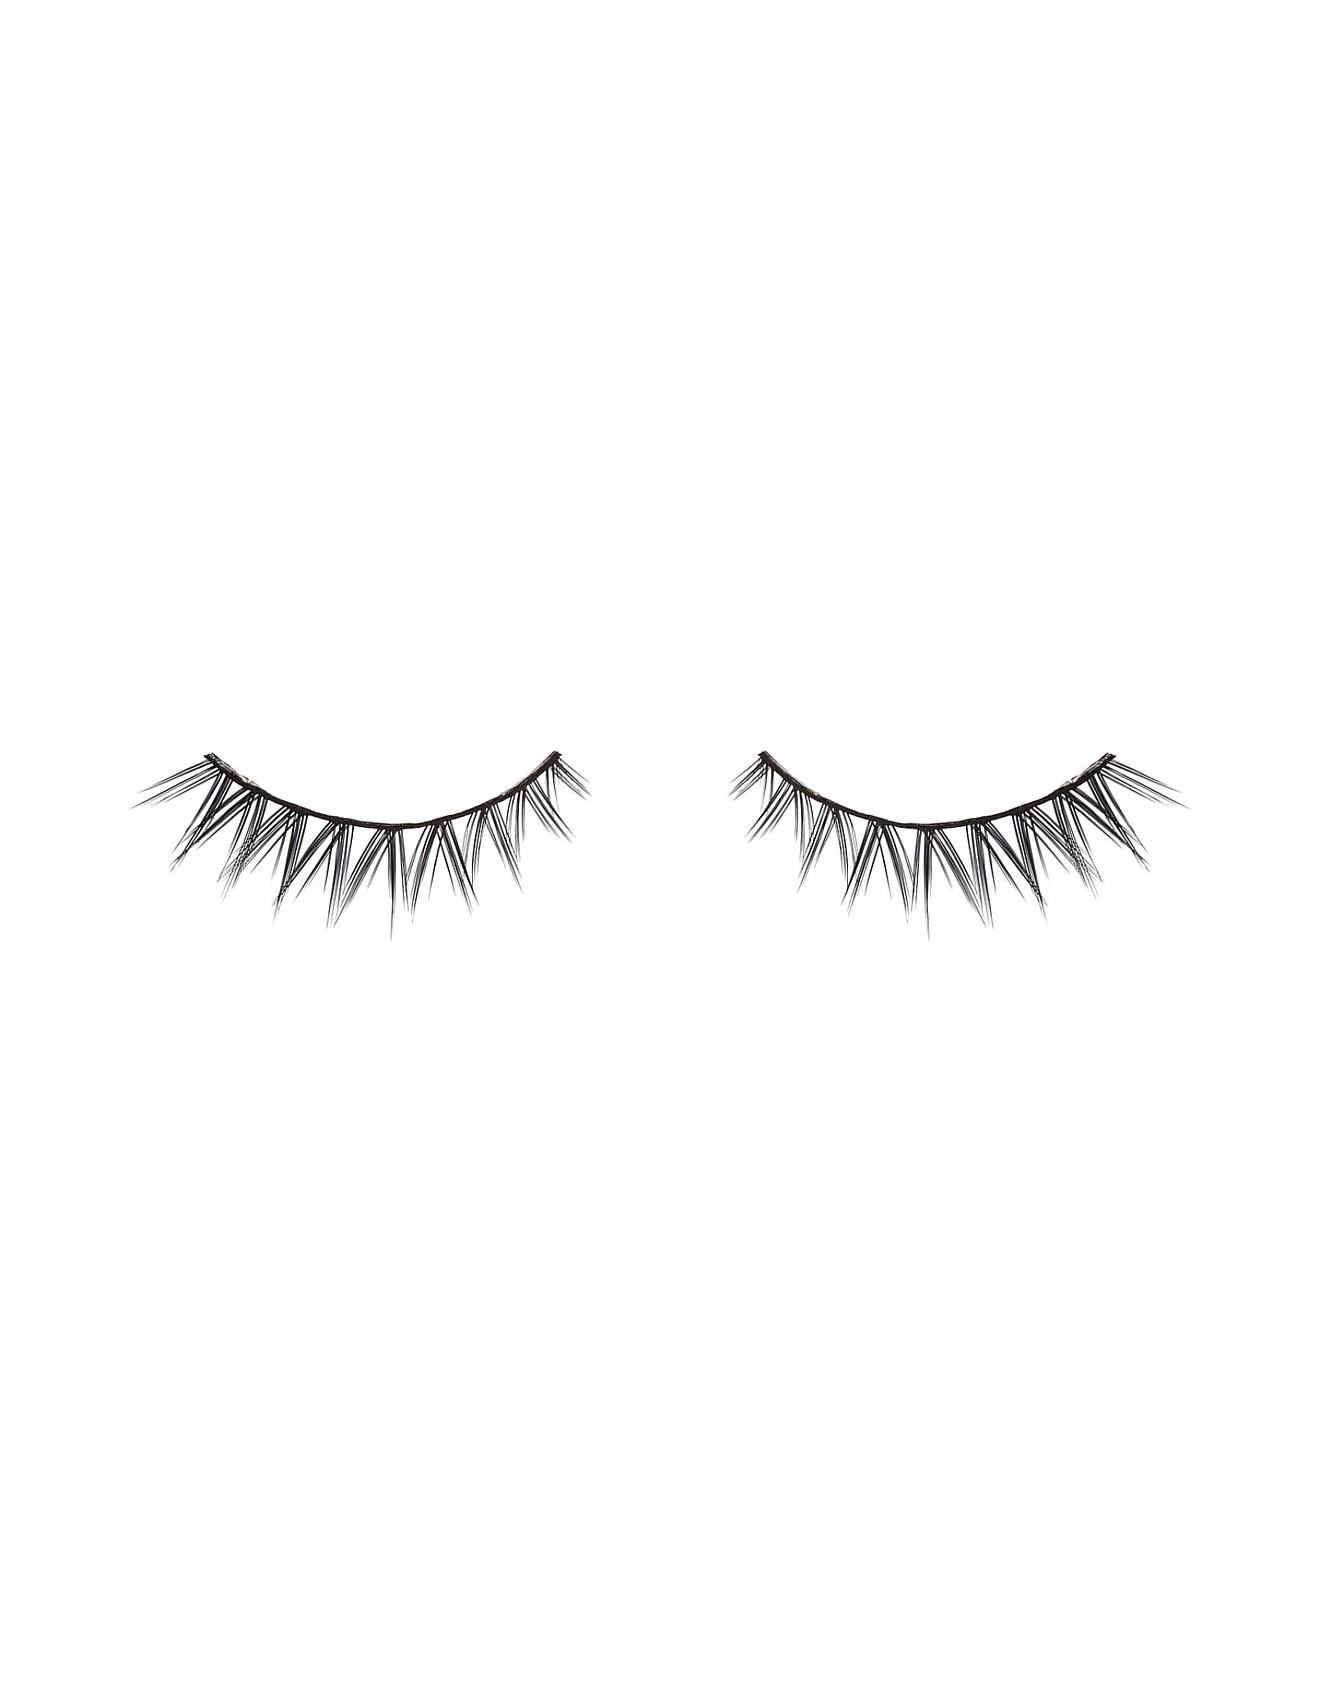 Shu Uemura Eyelash Curler Makeup More David Jones False Eye